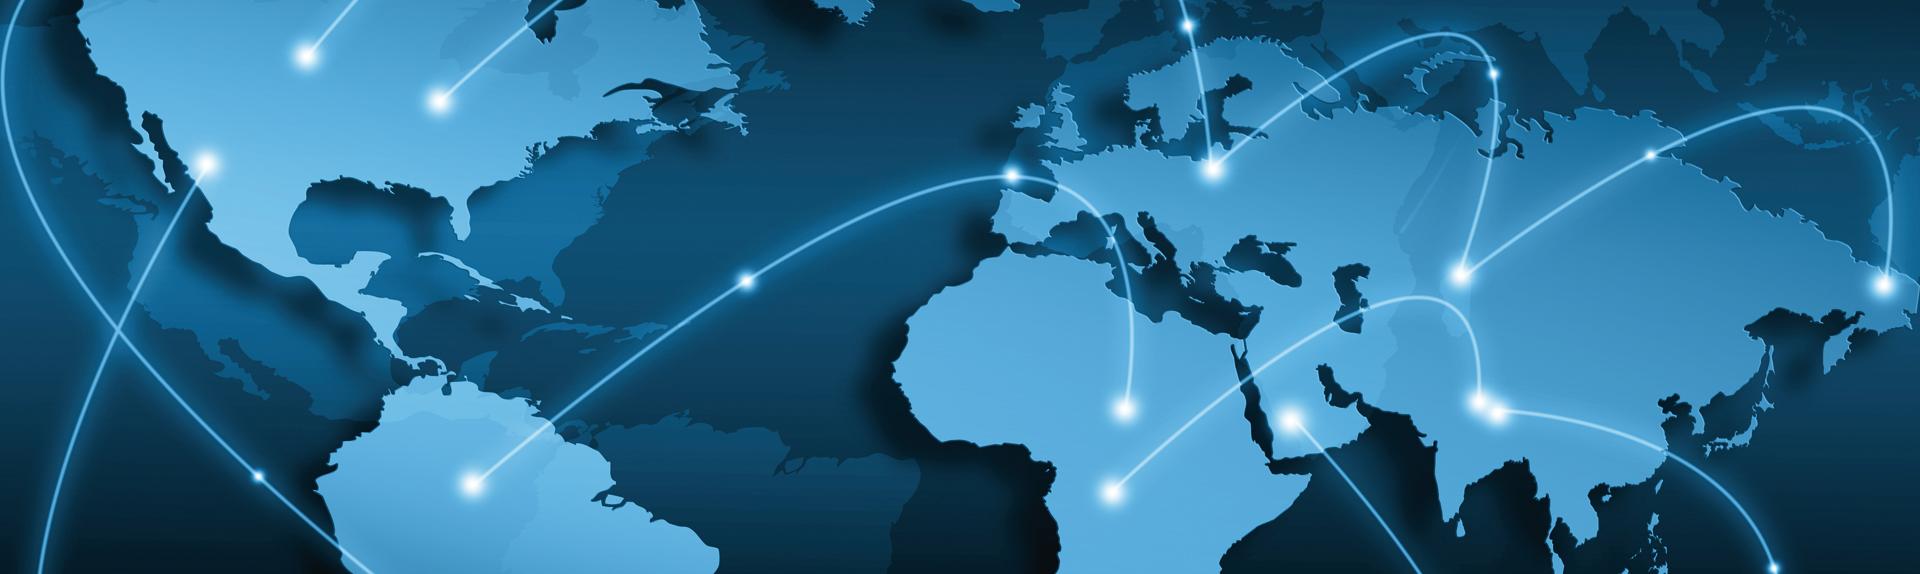 sales-industrial-sewing-machines-global-international-2